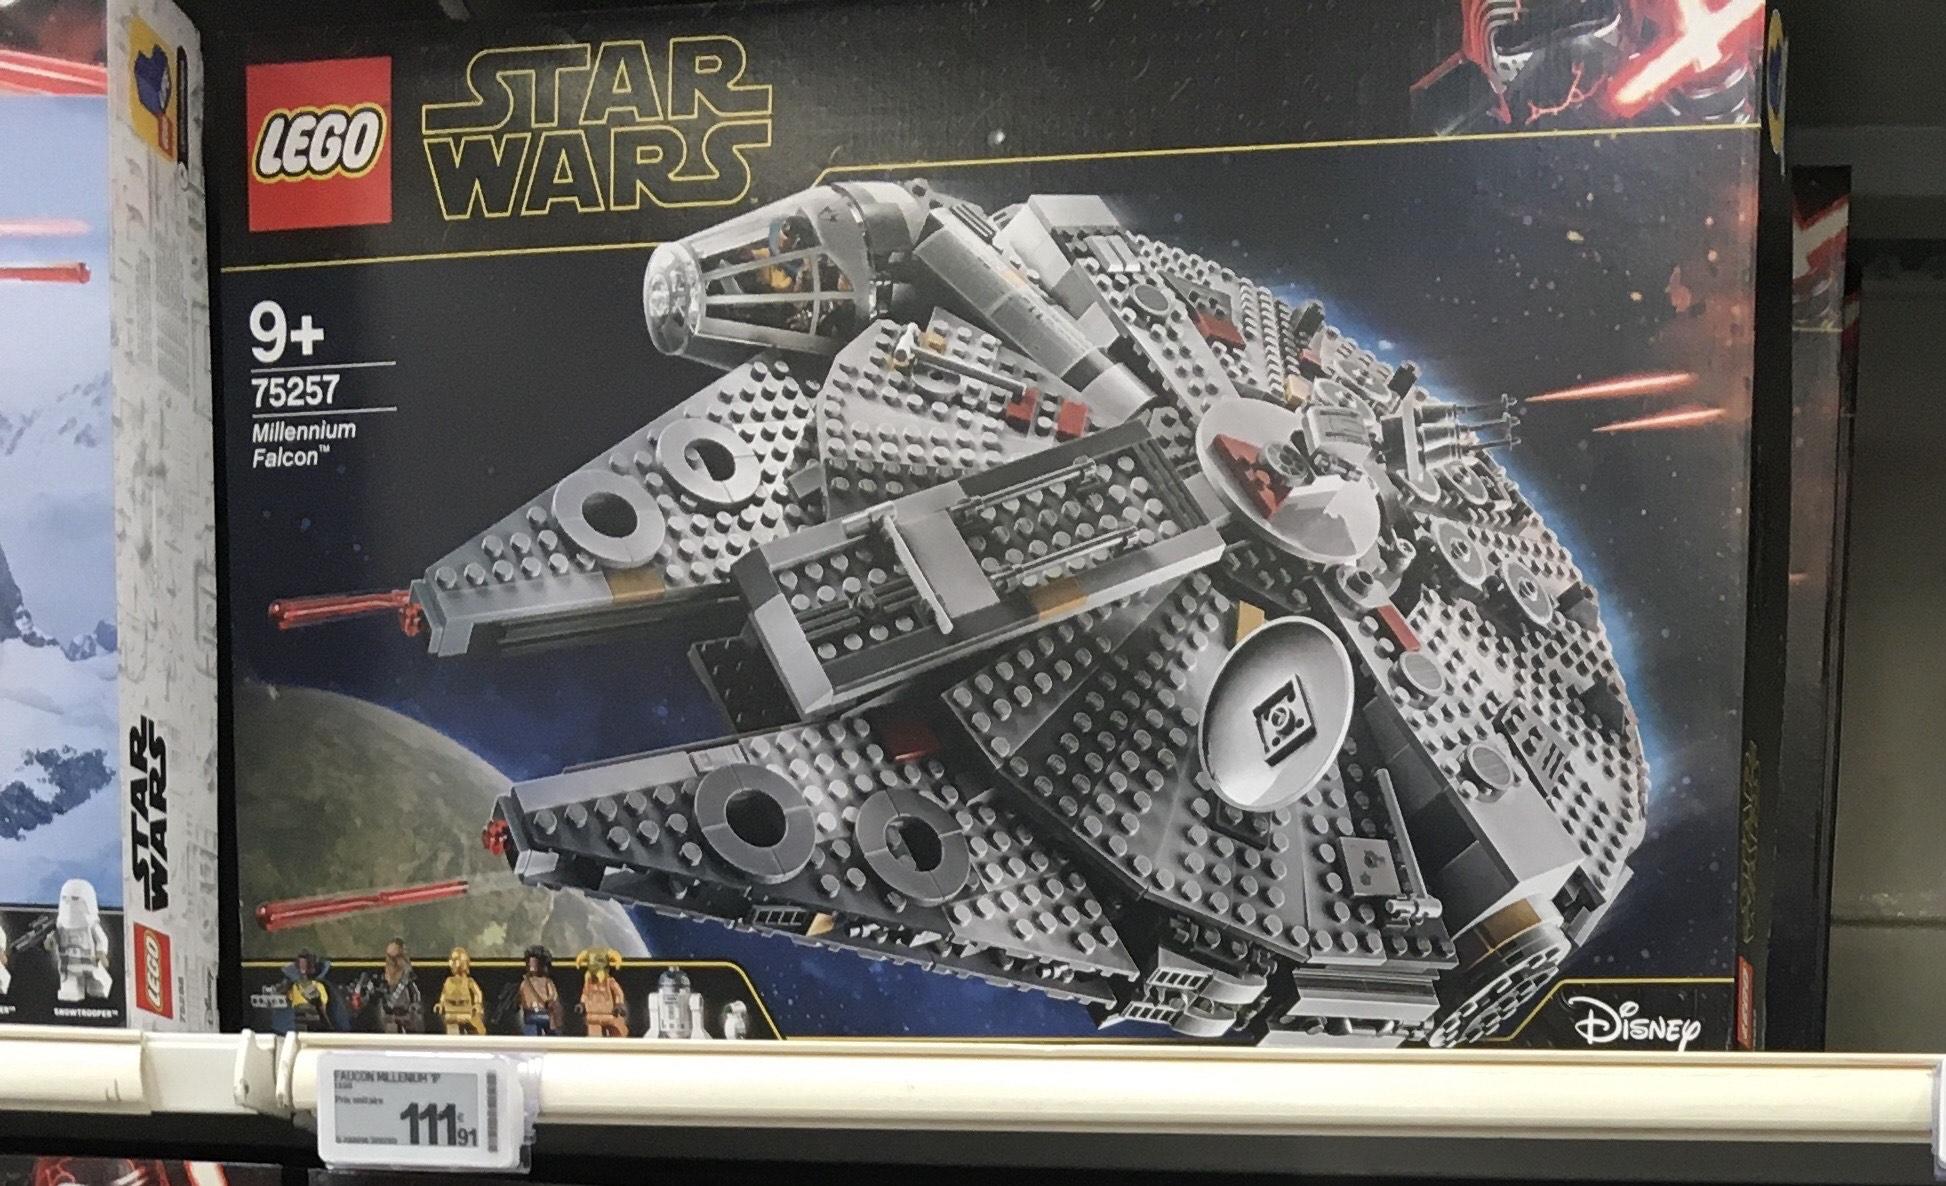 Jeu de construction Lego Star Wars - Le Faucon Millenium (Leclerc Nantes Atlantis - 44)